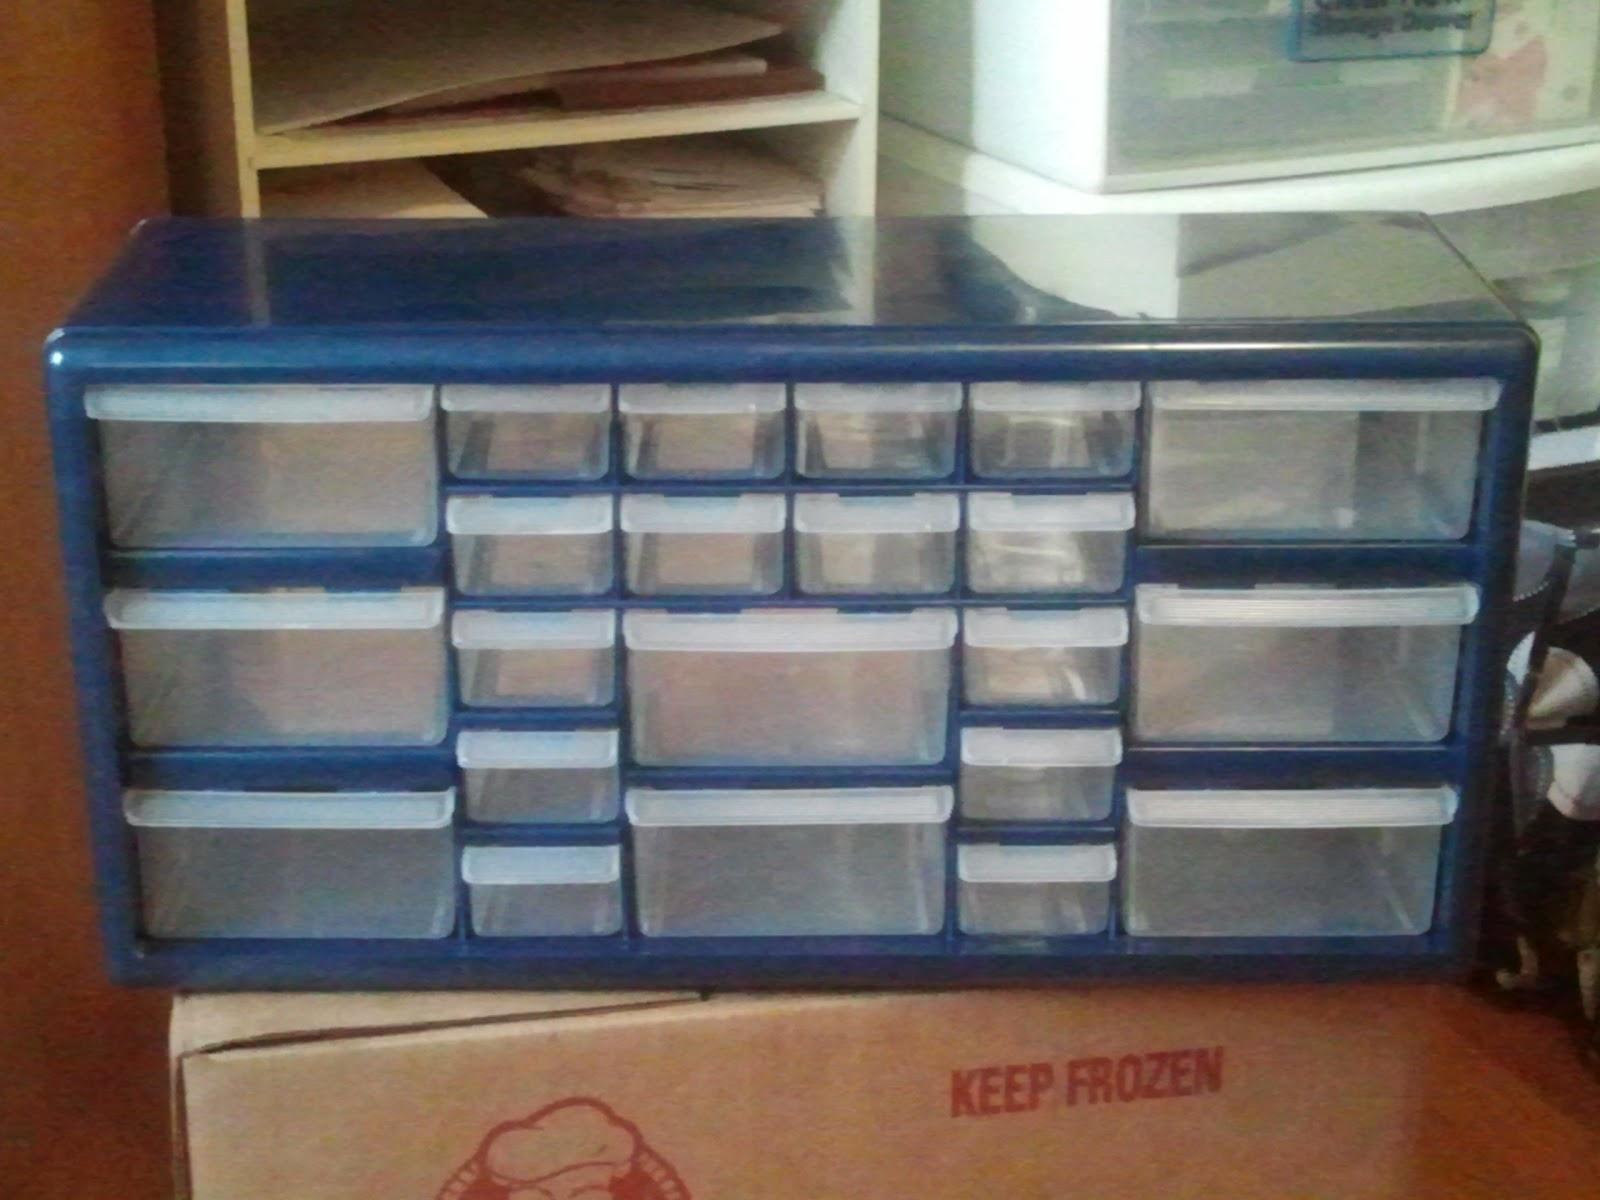 Zinn Teachings: Clutter Free Teacher Toolbox